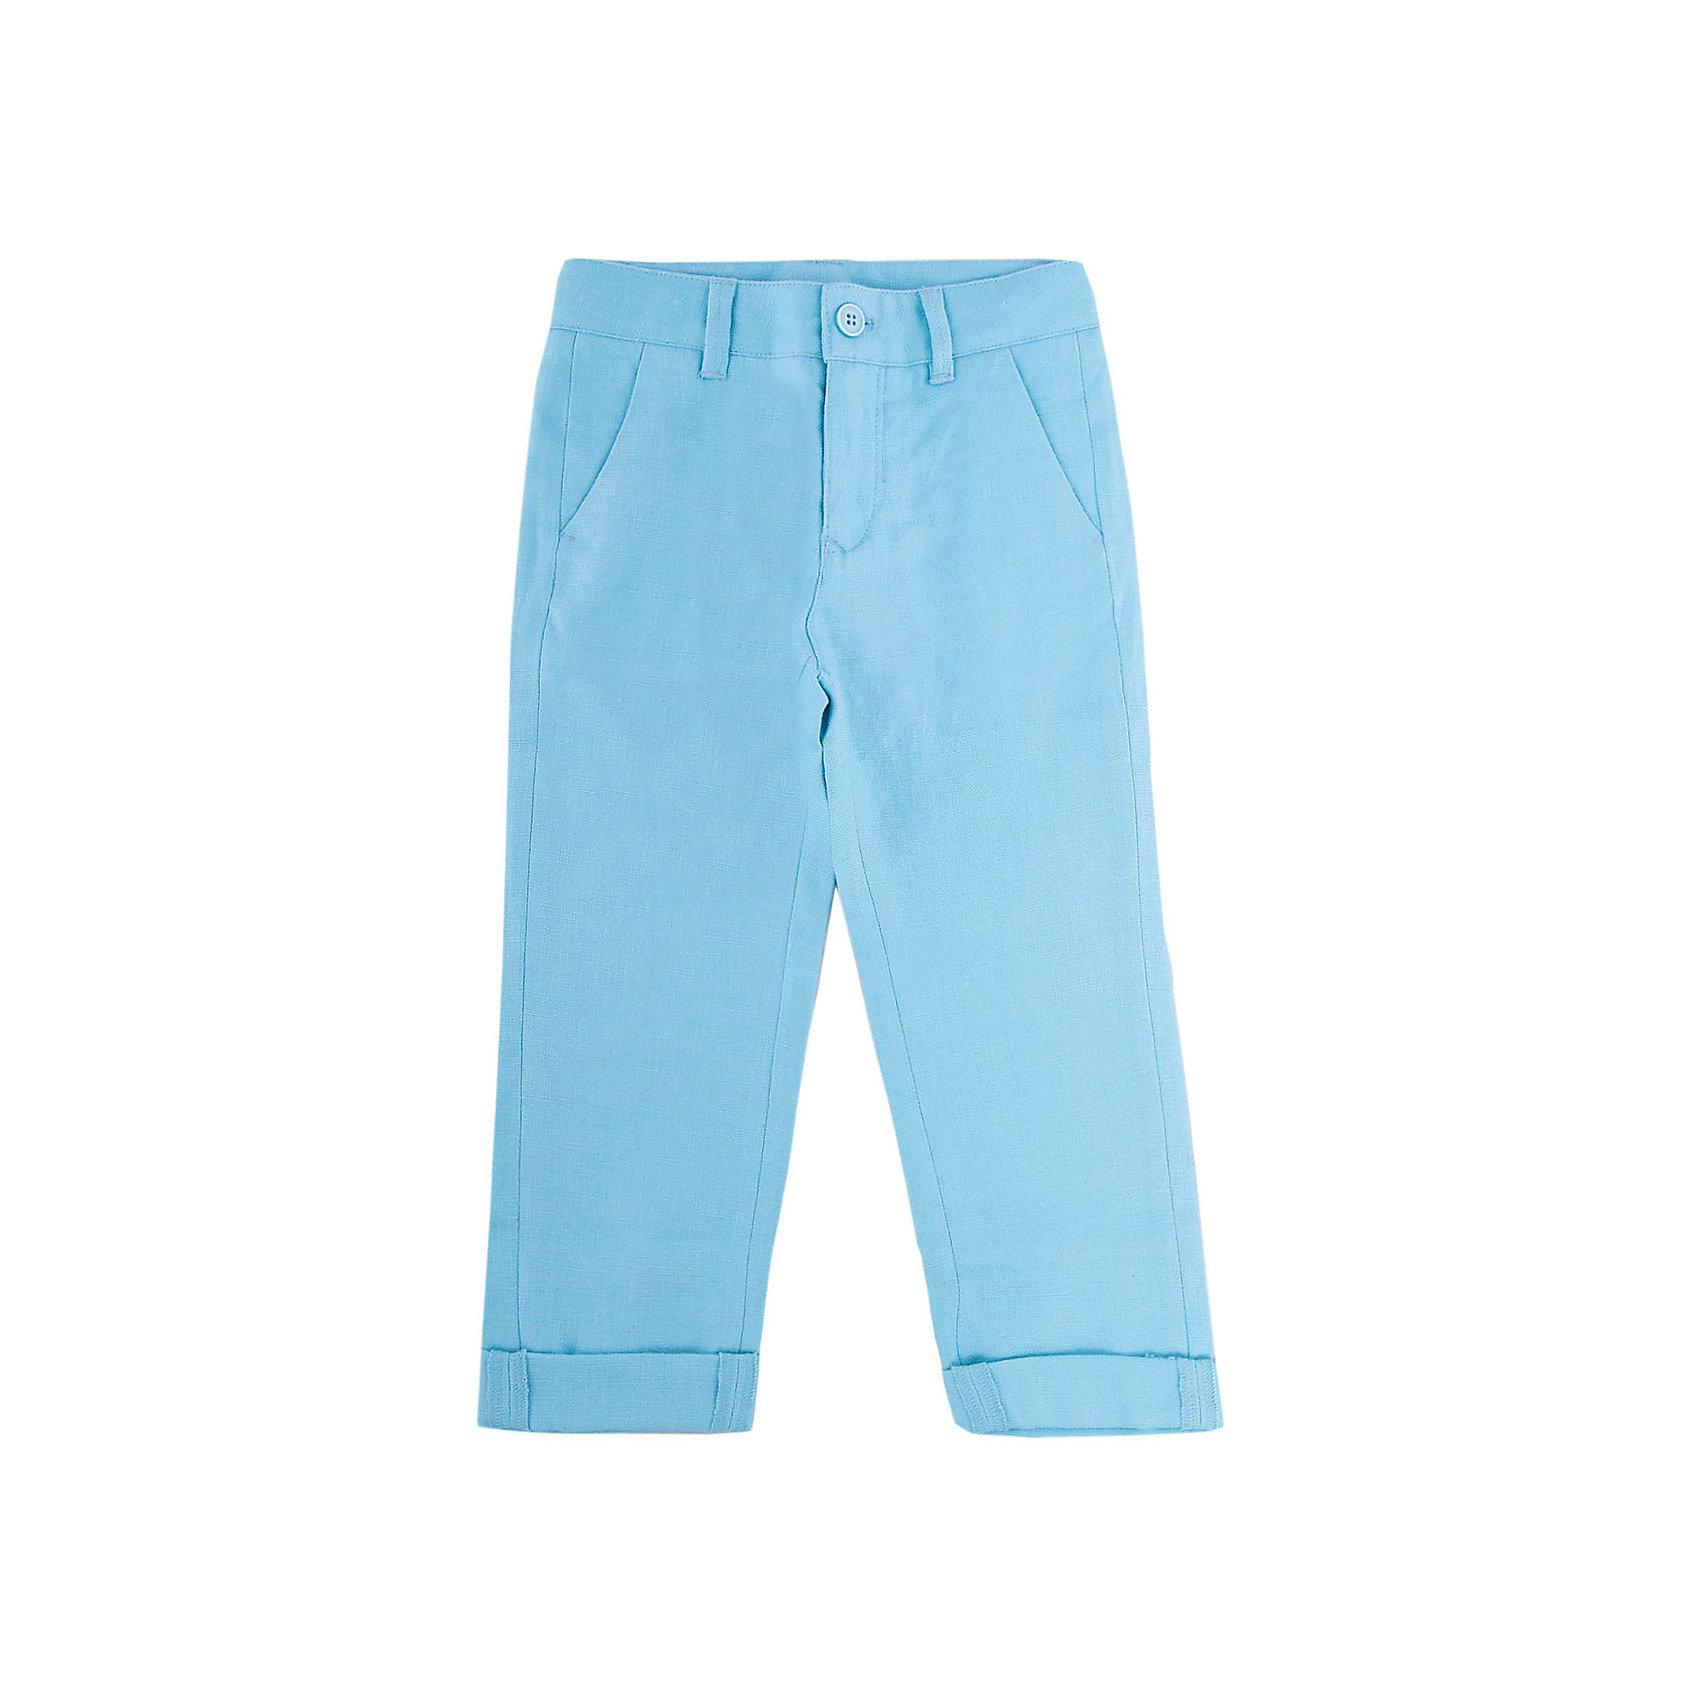 Брюки для мальчика GulliverБрюки<br>Несмотря на то, что джинсы по-прежнему занимают в гардеробе ребенка первое место, классические брюки для мальчика никто не отменял! Походы в театр, в гости, на важные и торжественные мероприятия предполагают на ребенке особый look. Модные светлые брюки в сочетании со стильной рубашкой, джемпером, пиджаком или жилетом и ваш ребенок будет неотразим! Натуральный лен с характерными элегантными заминами придает модели особый шарм. Ментоловый цвет выглядит нарядно, благородно, изысканно!<br>Состав:<br>100% лён<br><br>Ширина мм: 215<br>Глубина мм: 88<br>Высота мм: 191<br>Вес г: 336<br>Цвет: голубой<br>Возраст от месяцев: 24<br>Возраст до месяцев: 36<br>Пол: Мужской<br>Возраст: Детский<br>Размер: 98,104,110,116<br>SKU: 5483340